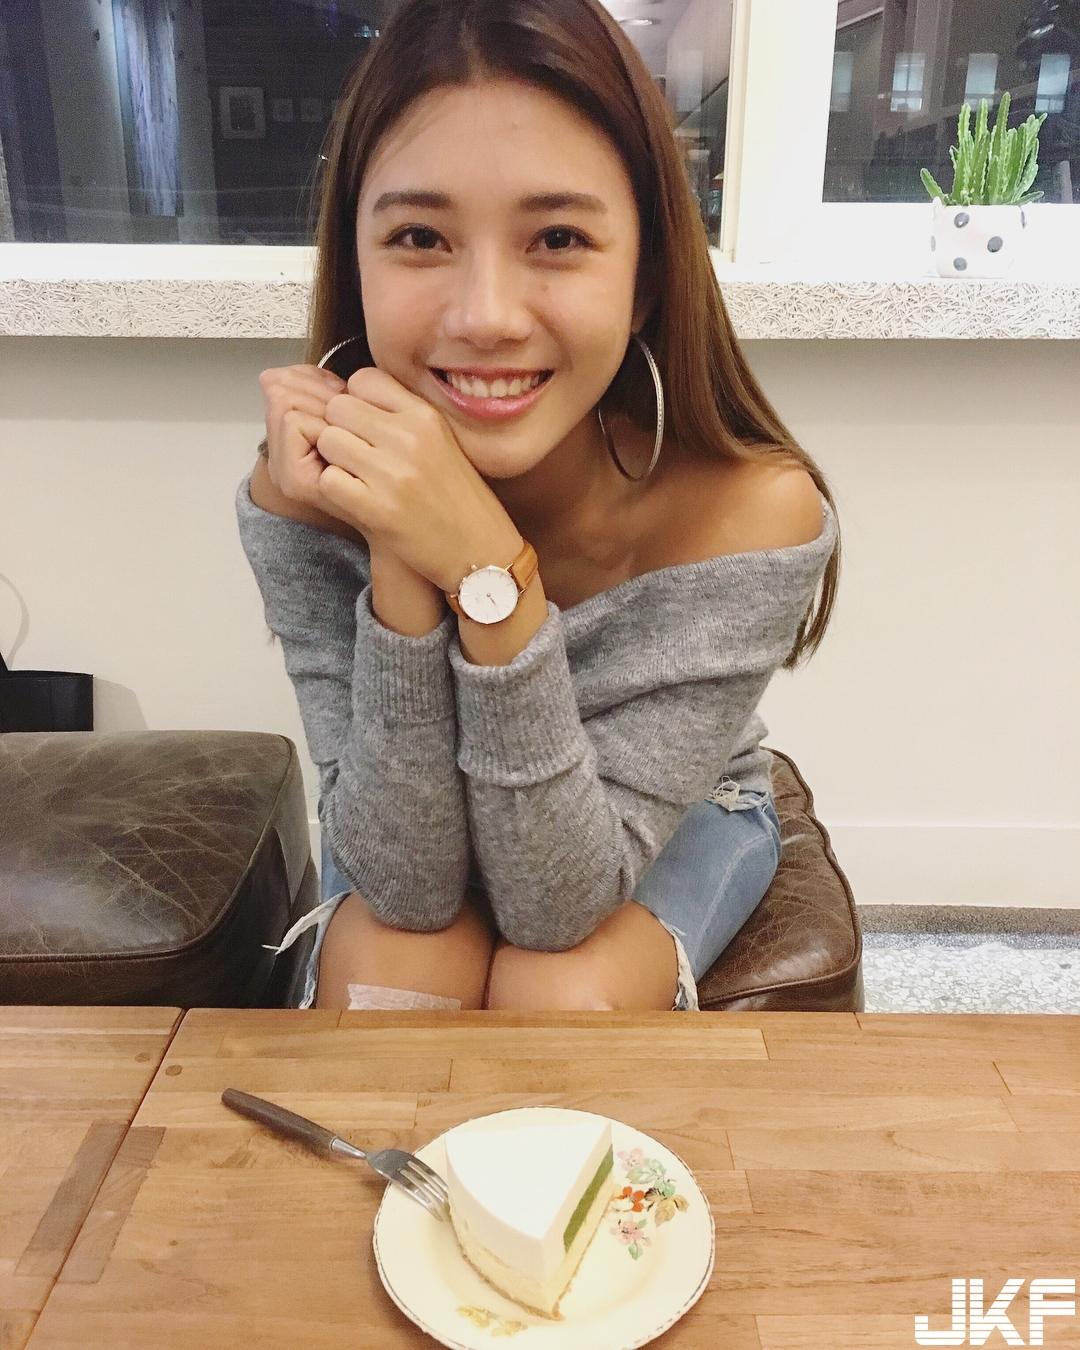 衝浪美女 Jean Shen 健康古銅肌陽光自然風 - 素人正妹 -